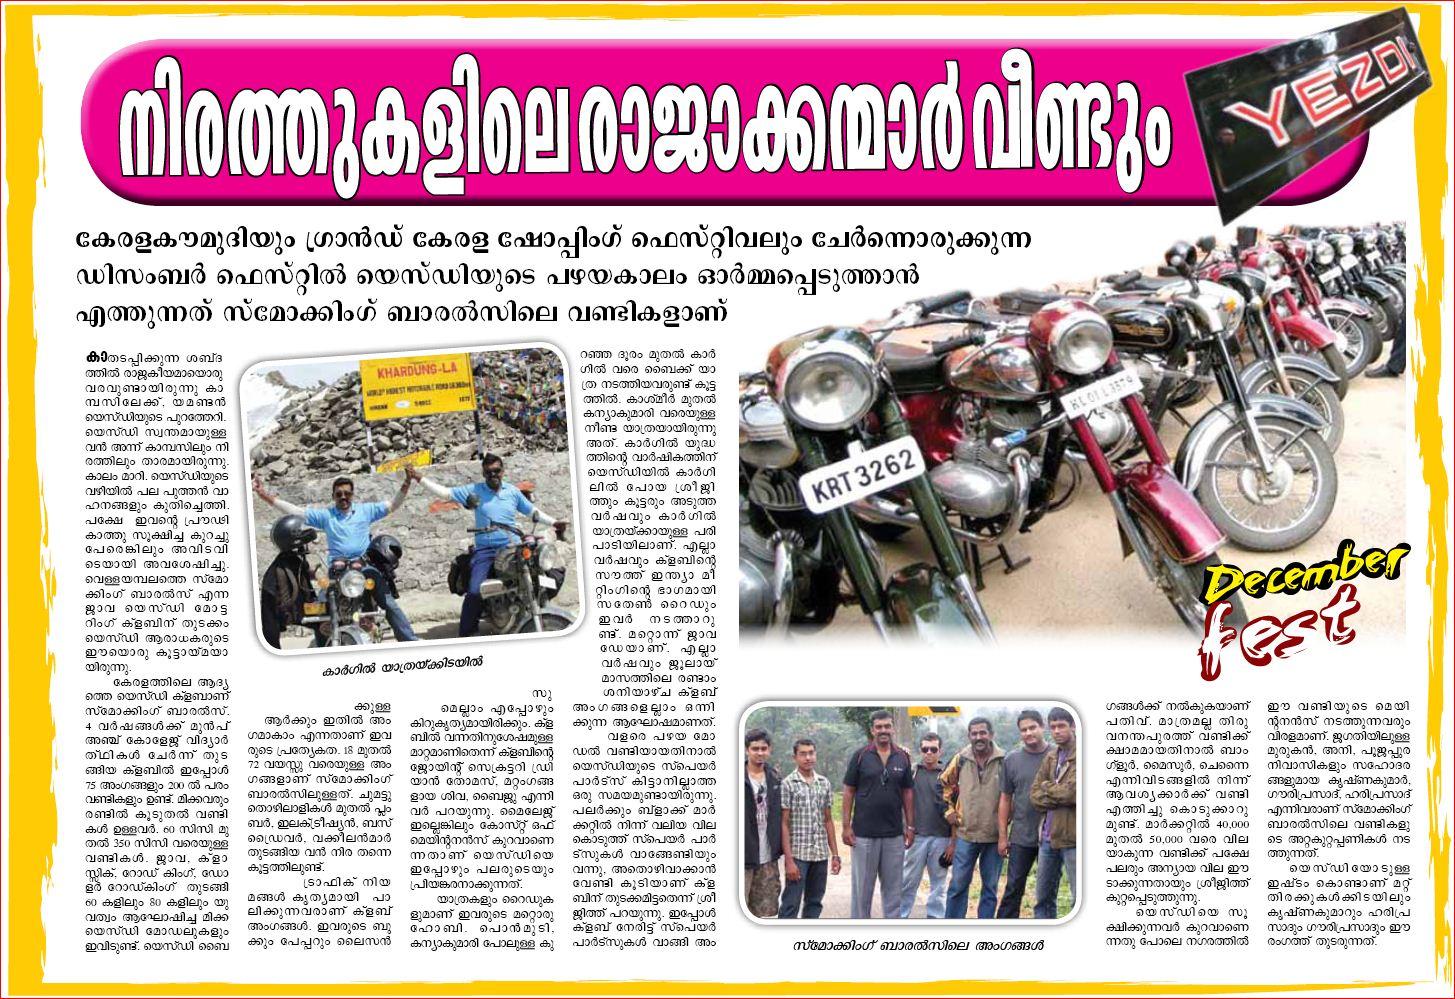 SMOKING BARRELS,Thiruvananthapuram Jawa Yezdi Motoring Club | Some